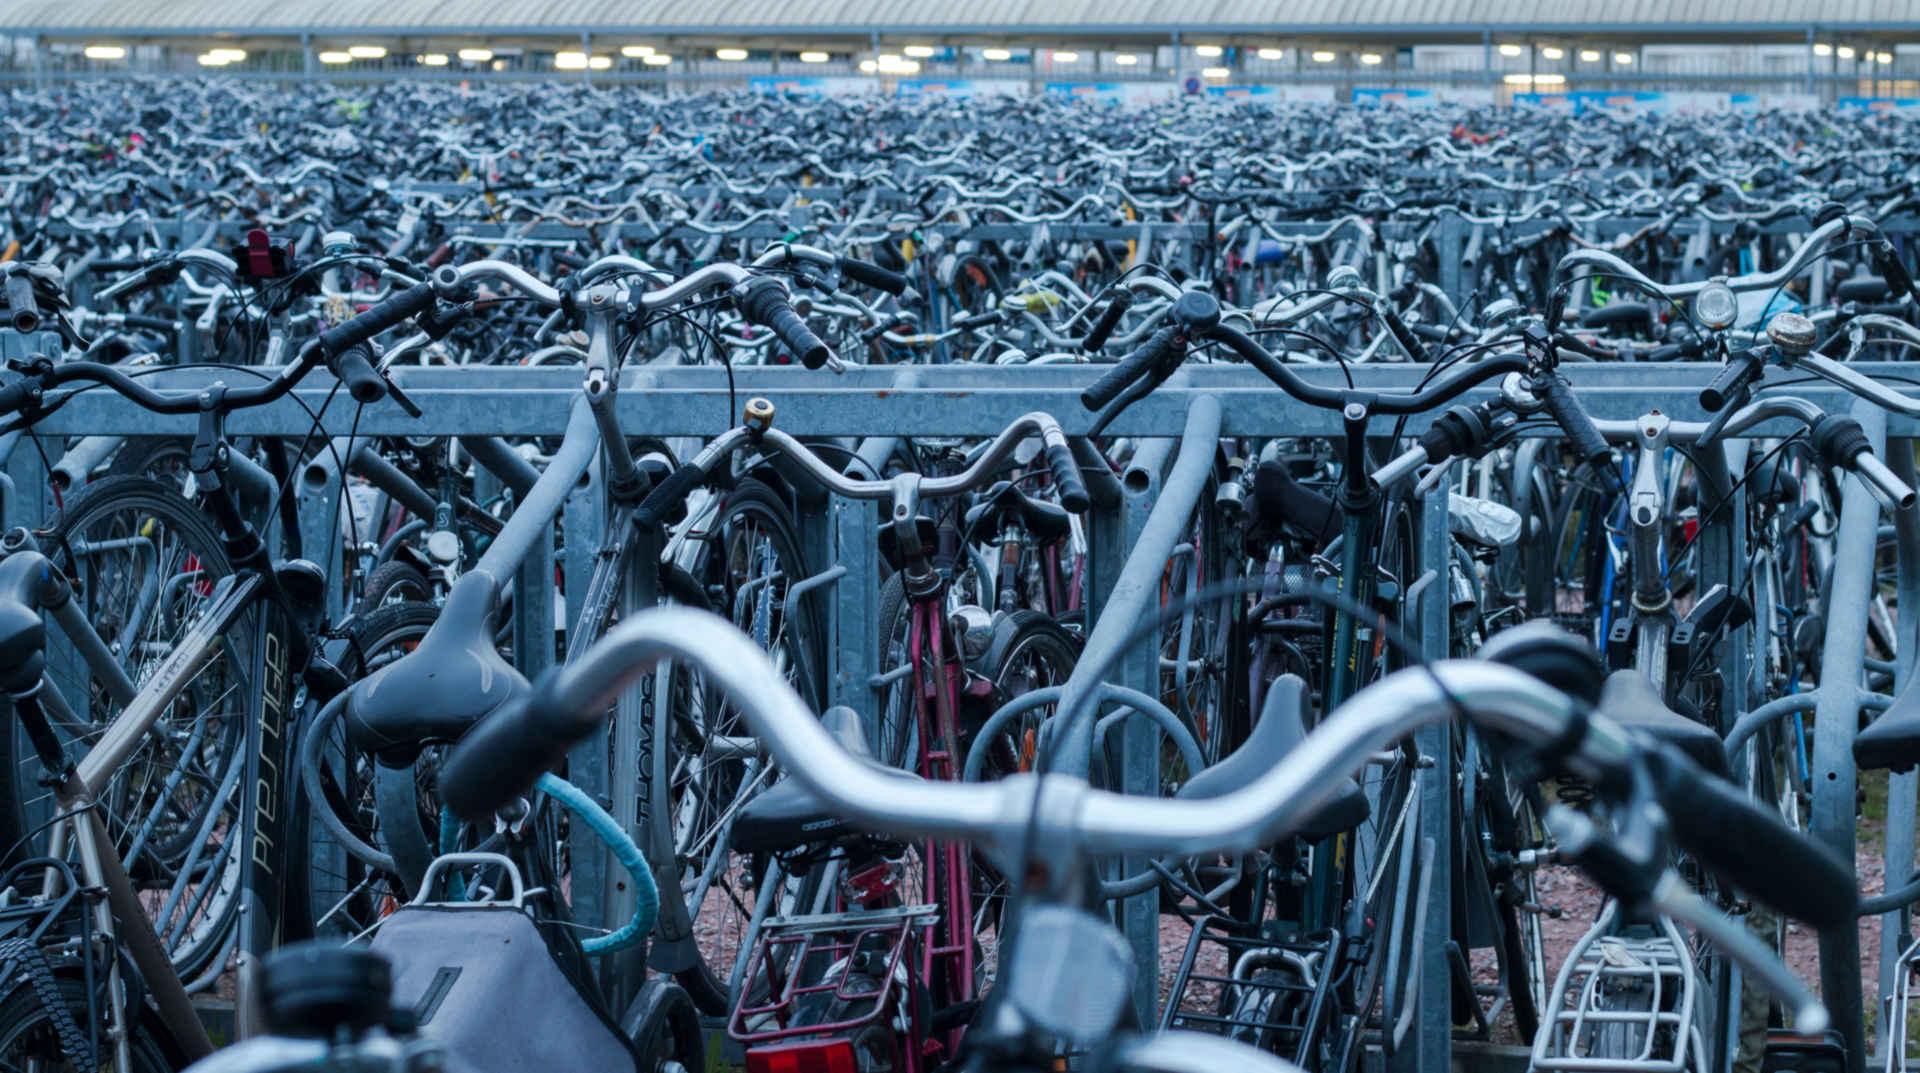 Fahrräder: Es gibt geug